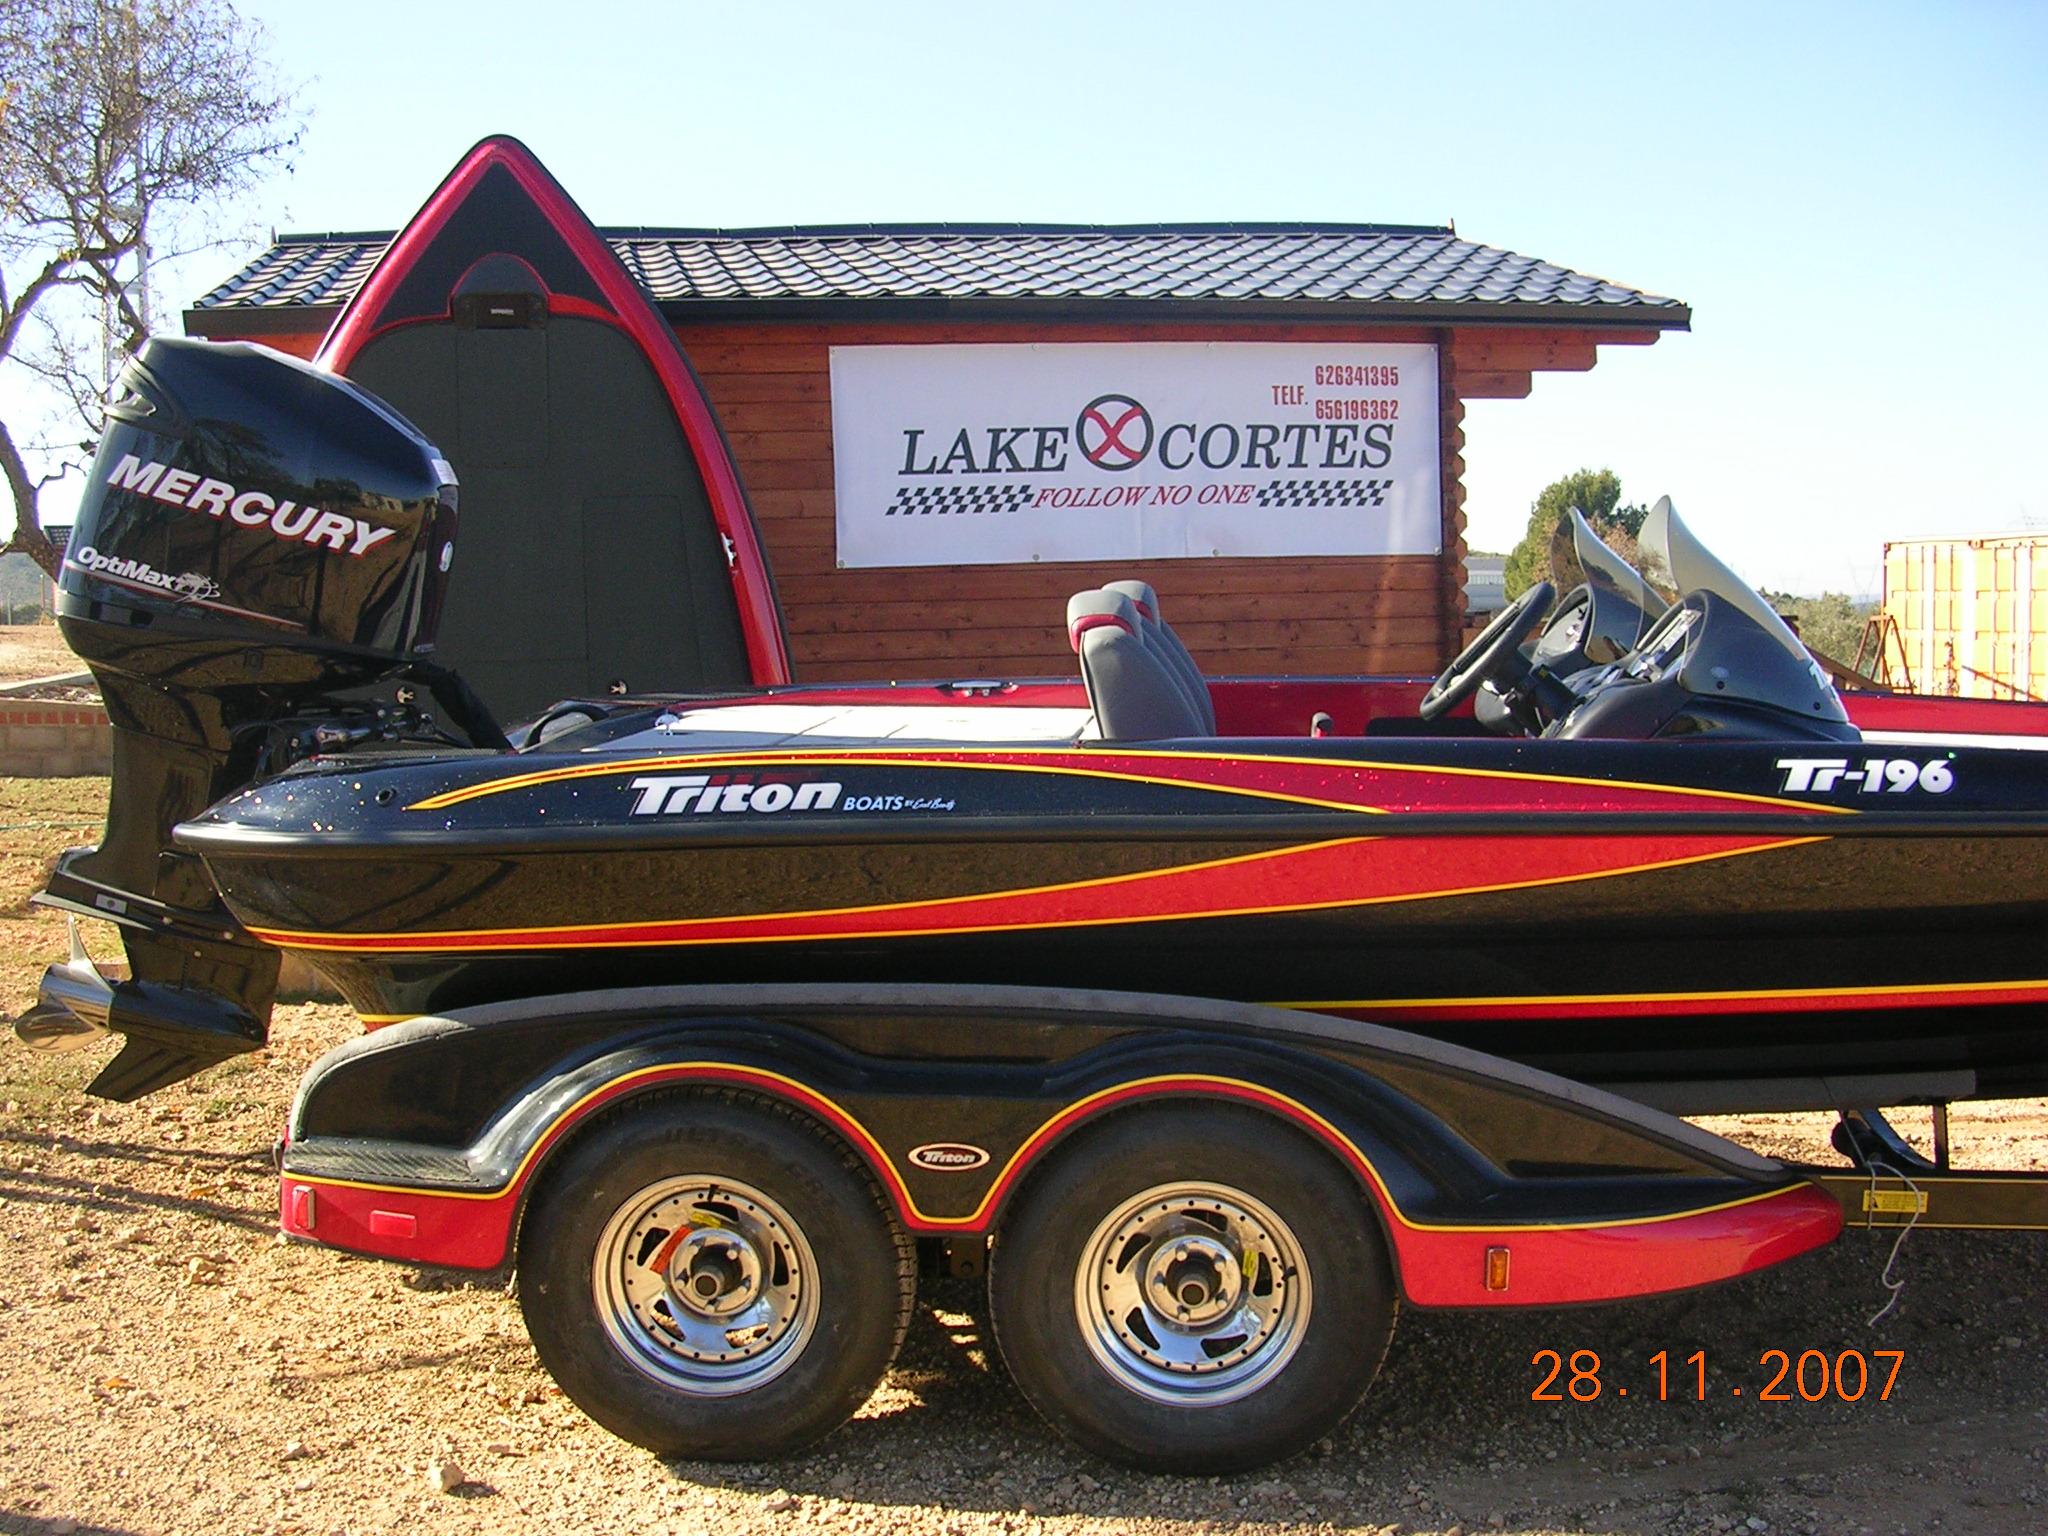 lakecortes bassboat españa